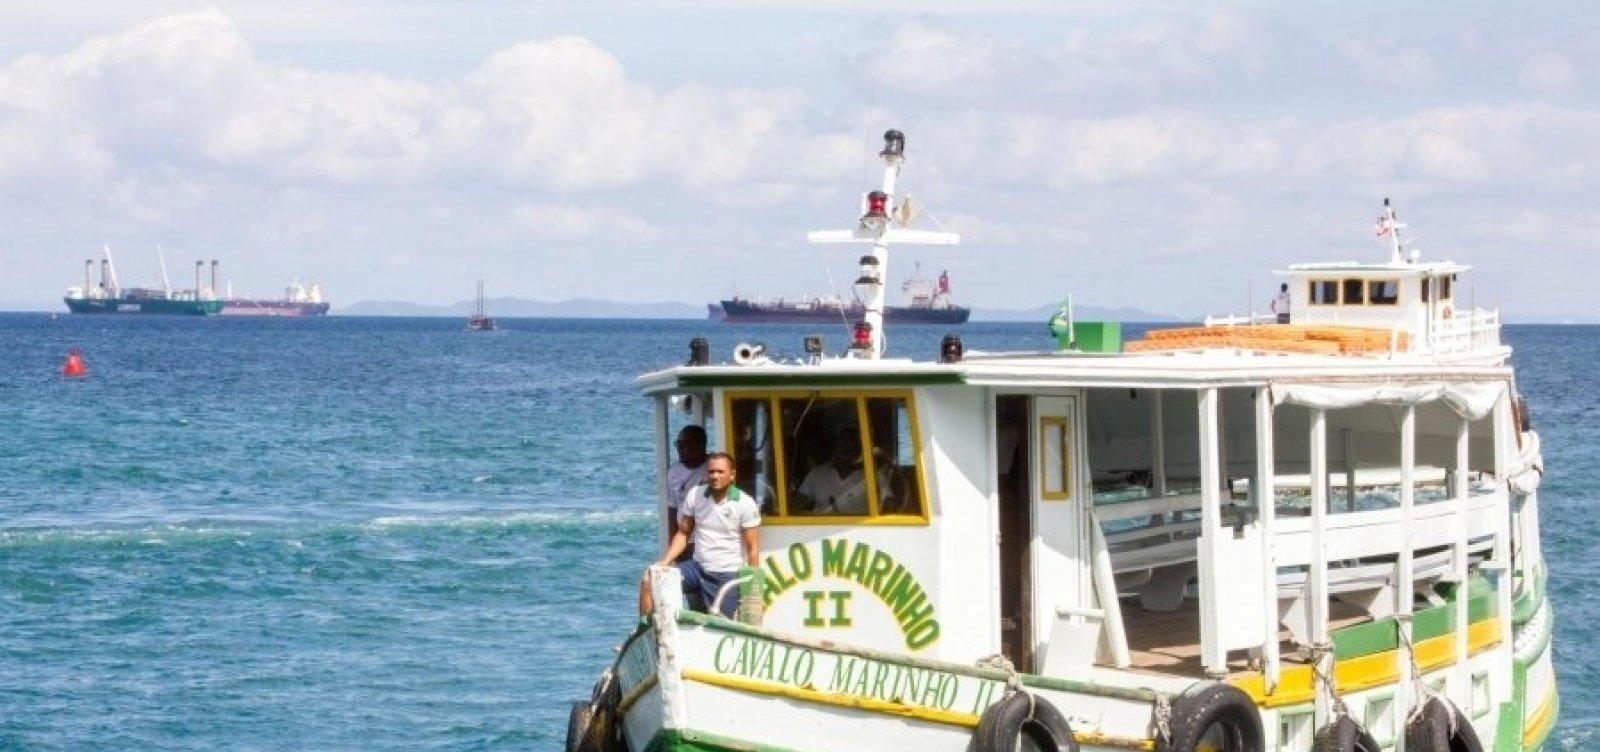 Pelo 3º dia seguido, travessia Salvador-Mar Grande é encerrada mais cedo devido à maré baixa